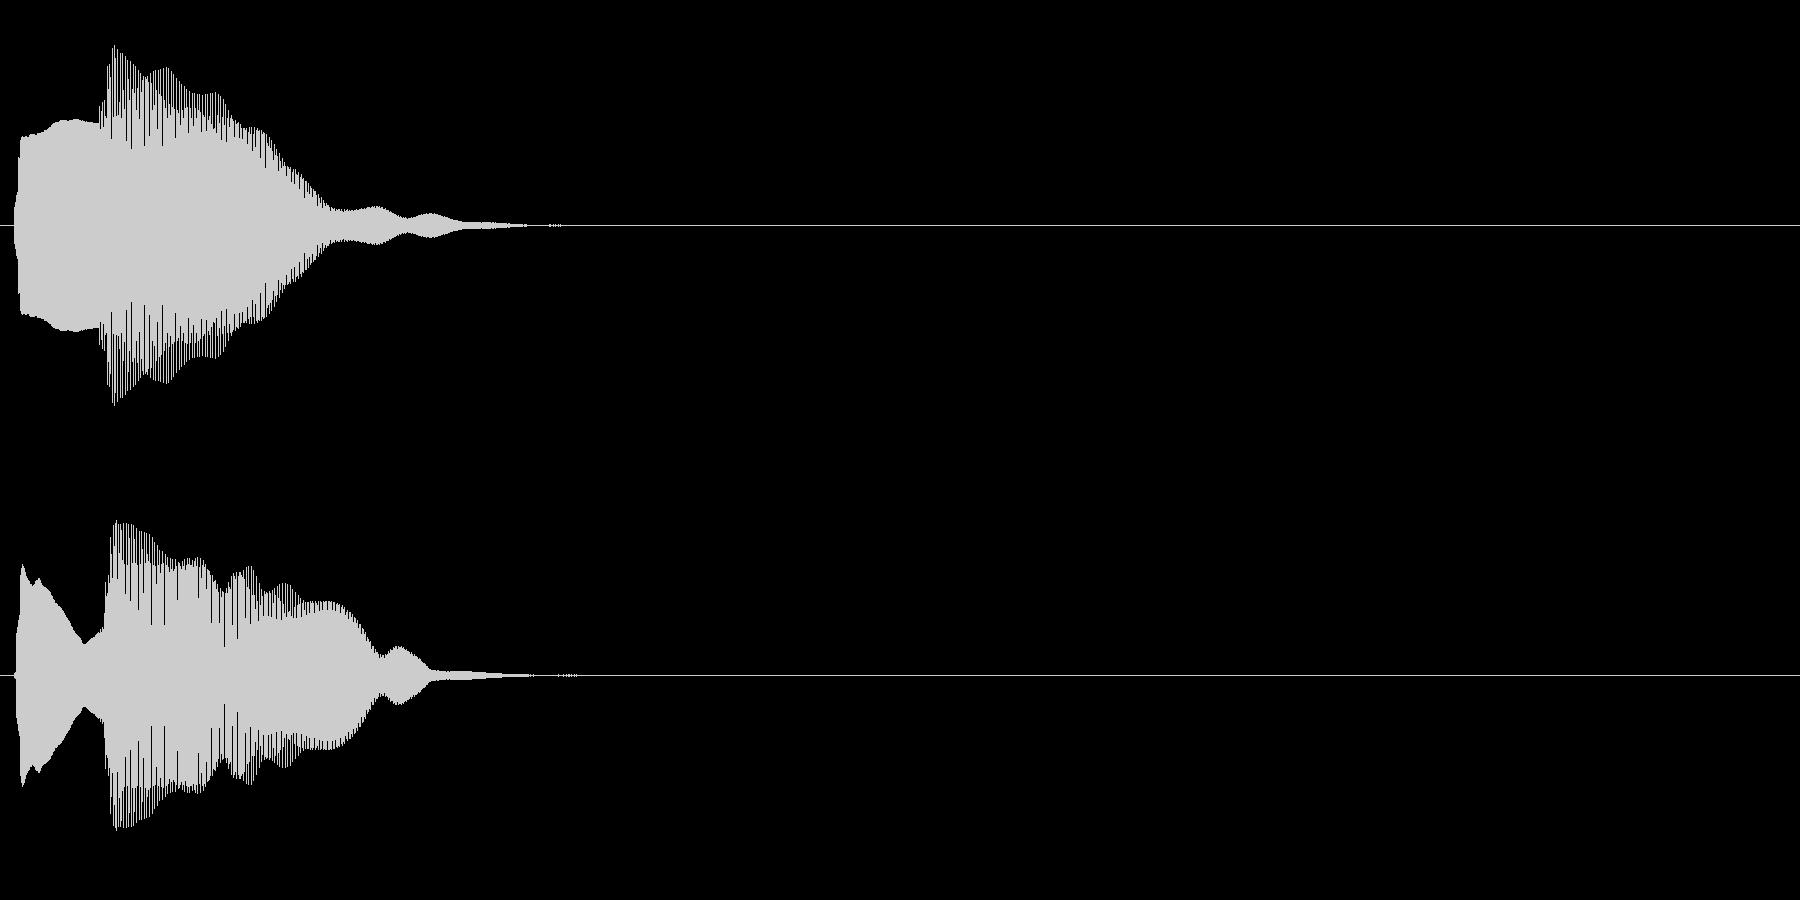 汎用 エレピ系04(小) キャンセル音の未再生の波形